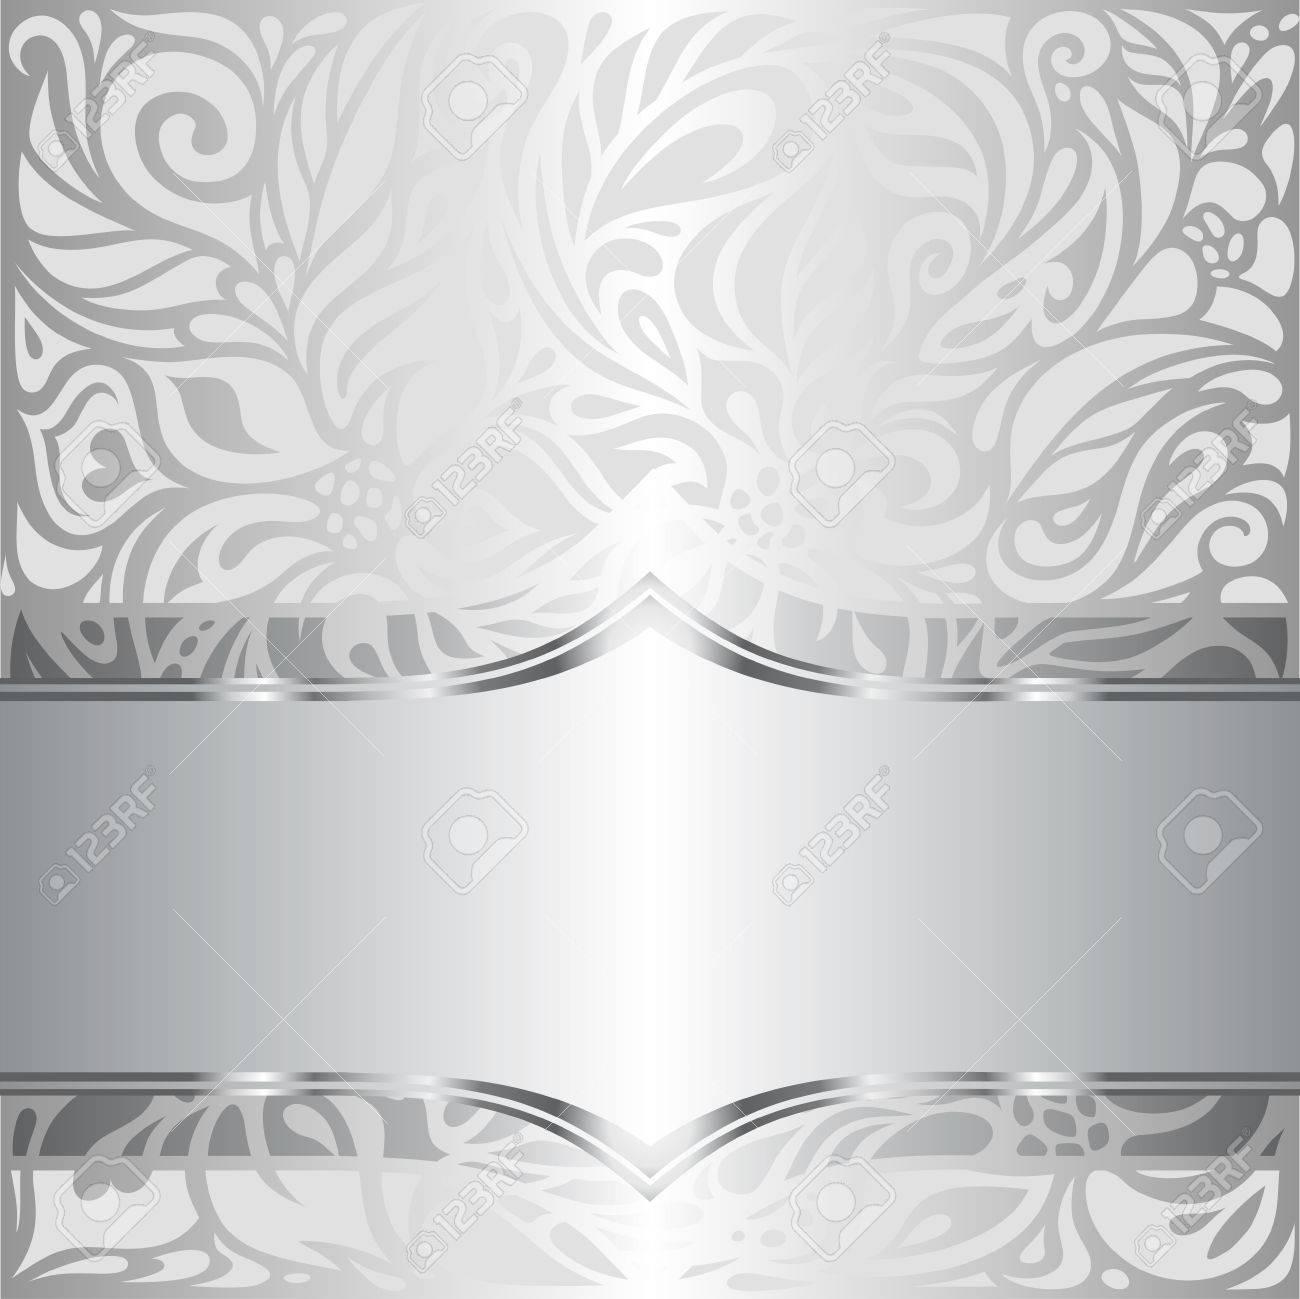 Silber Glanzend Floral Vintage Muster Tapeten Hintergrund Design